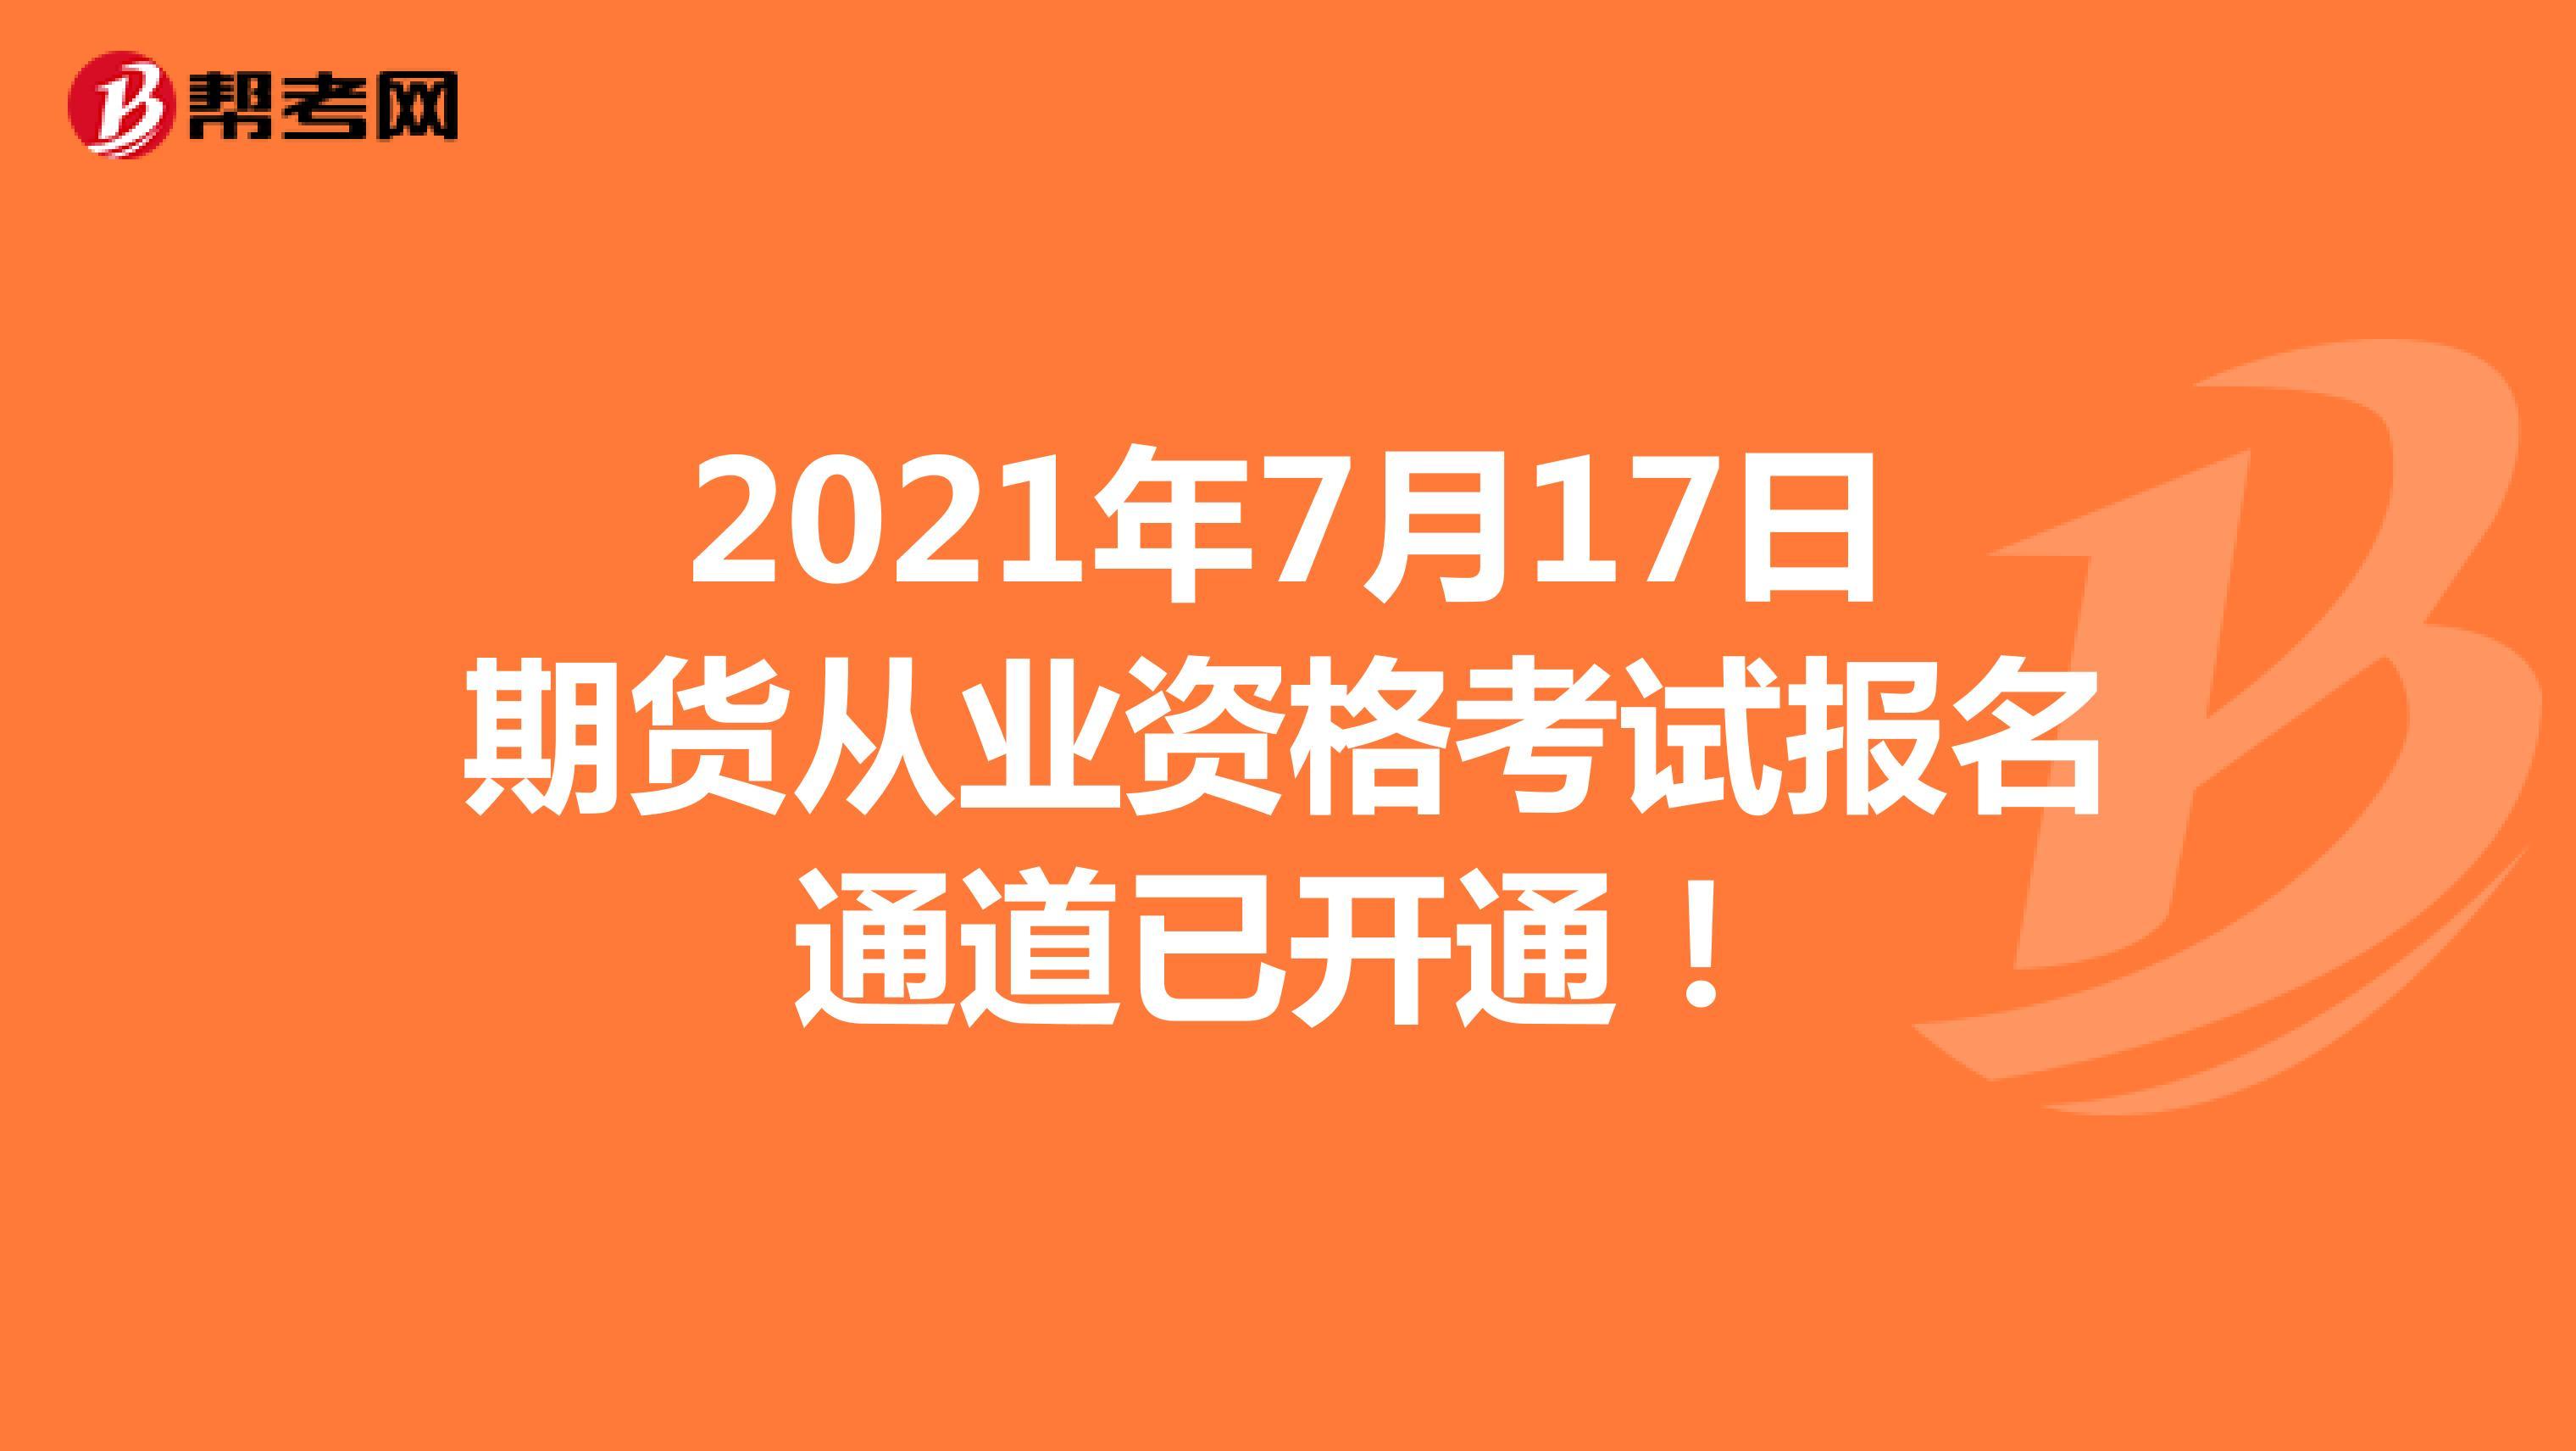 2021年7月17日期货从业资格考试报名通道已开通!